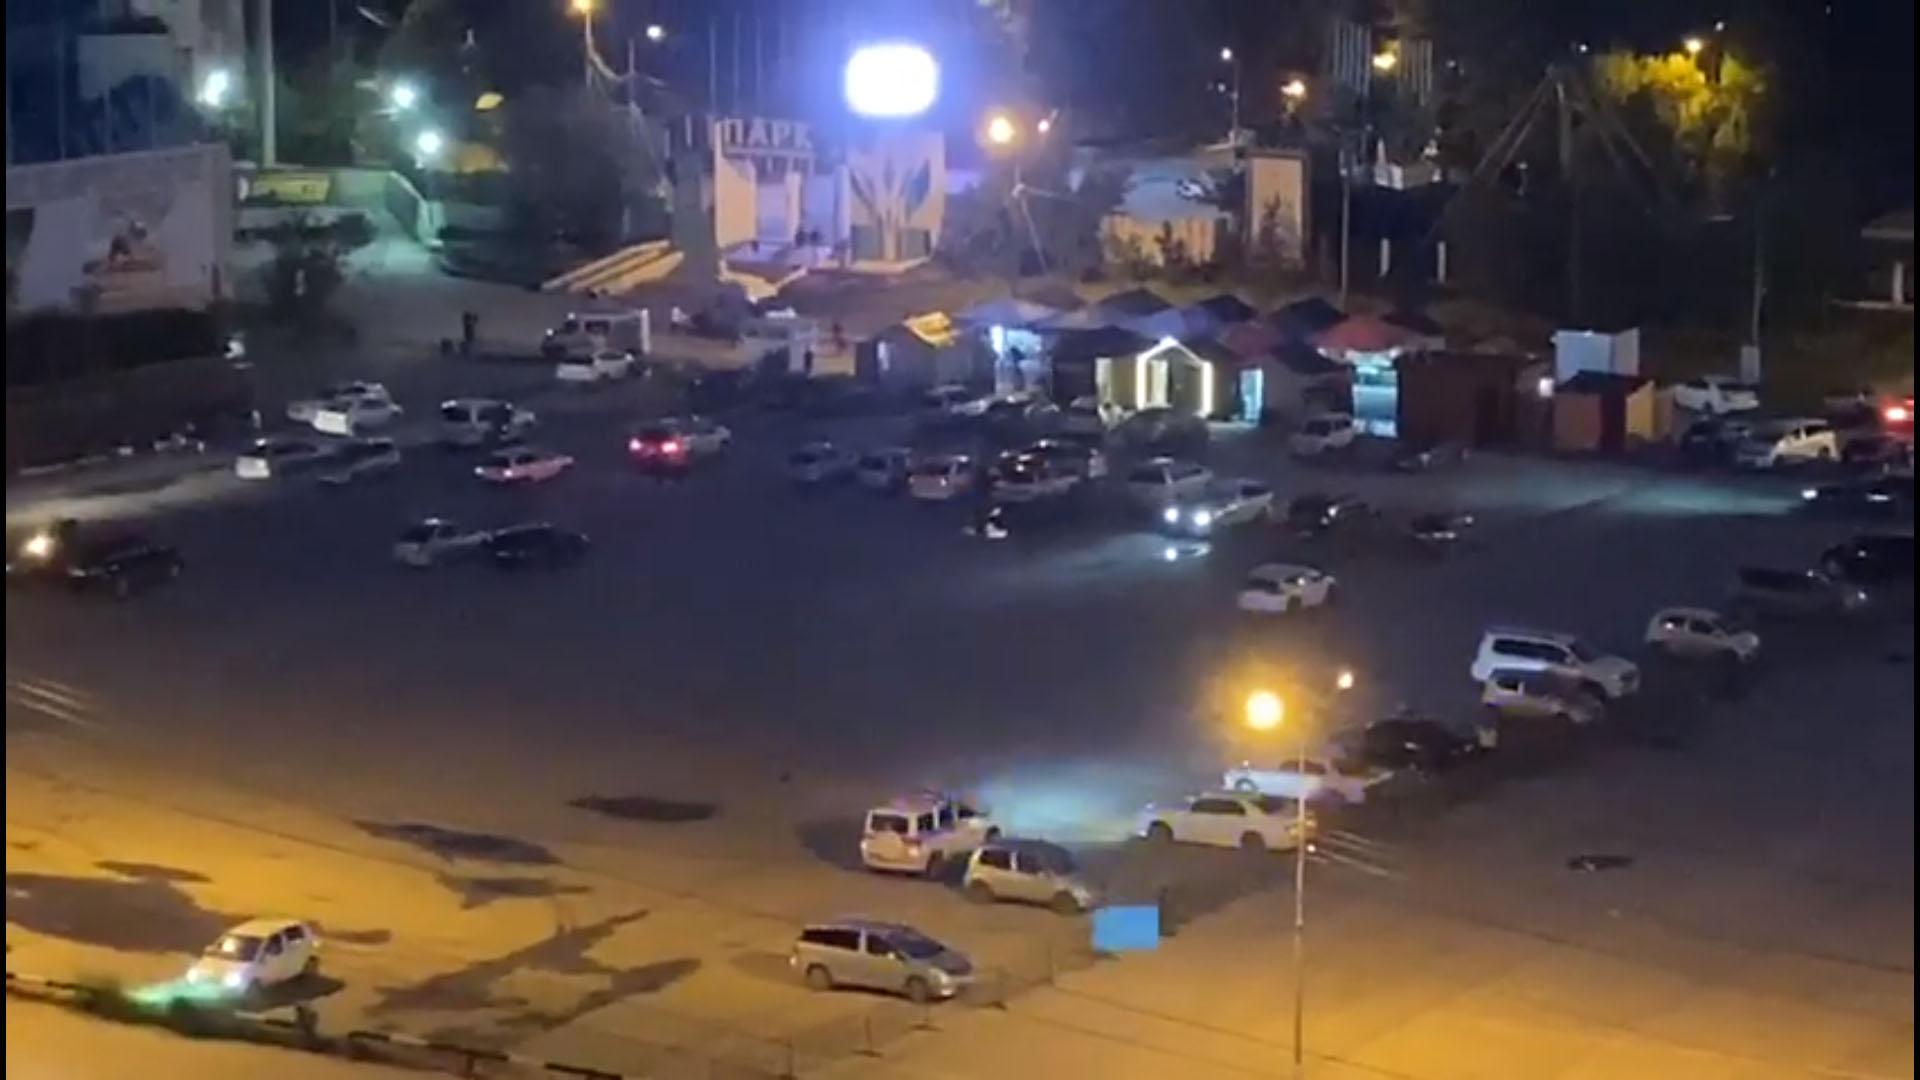 ВИДЕО: Патруль ГИБДД разгоняет собравшихся на Комсомольской площади Якутска